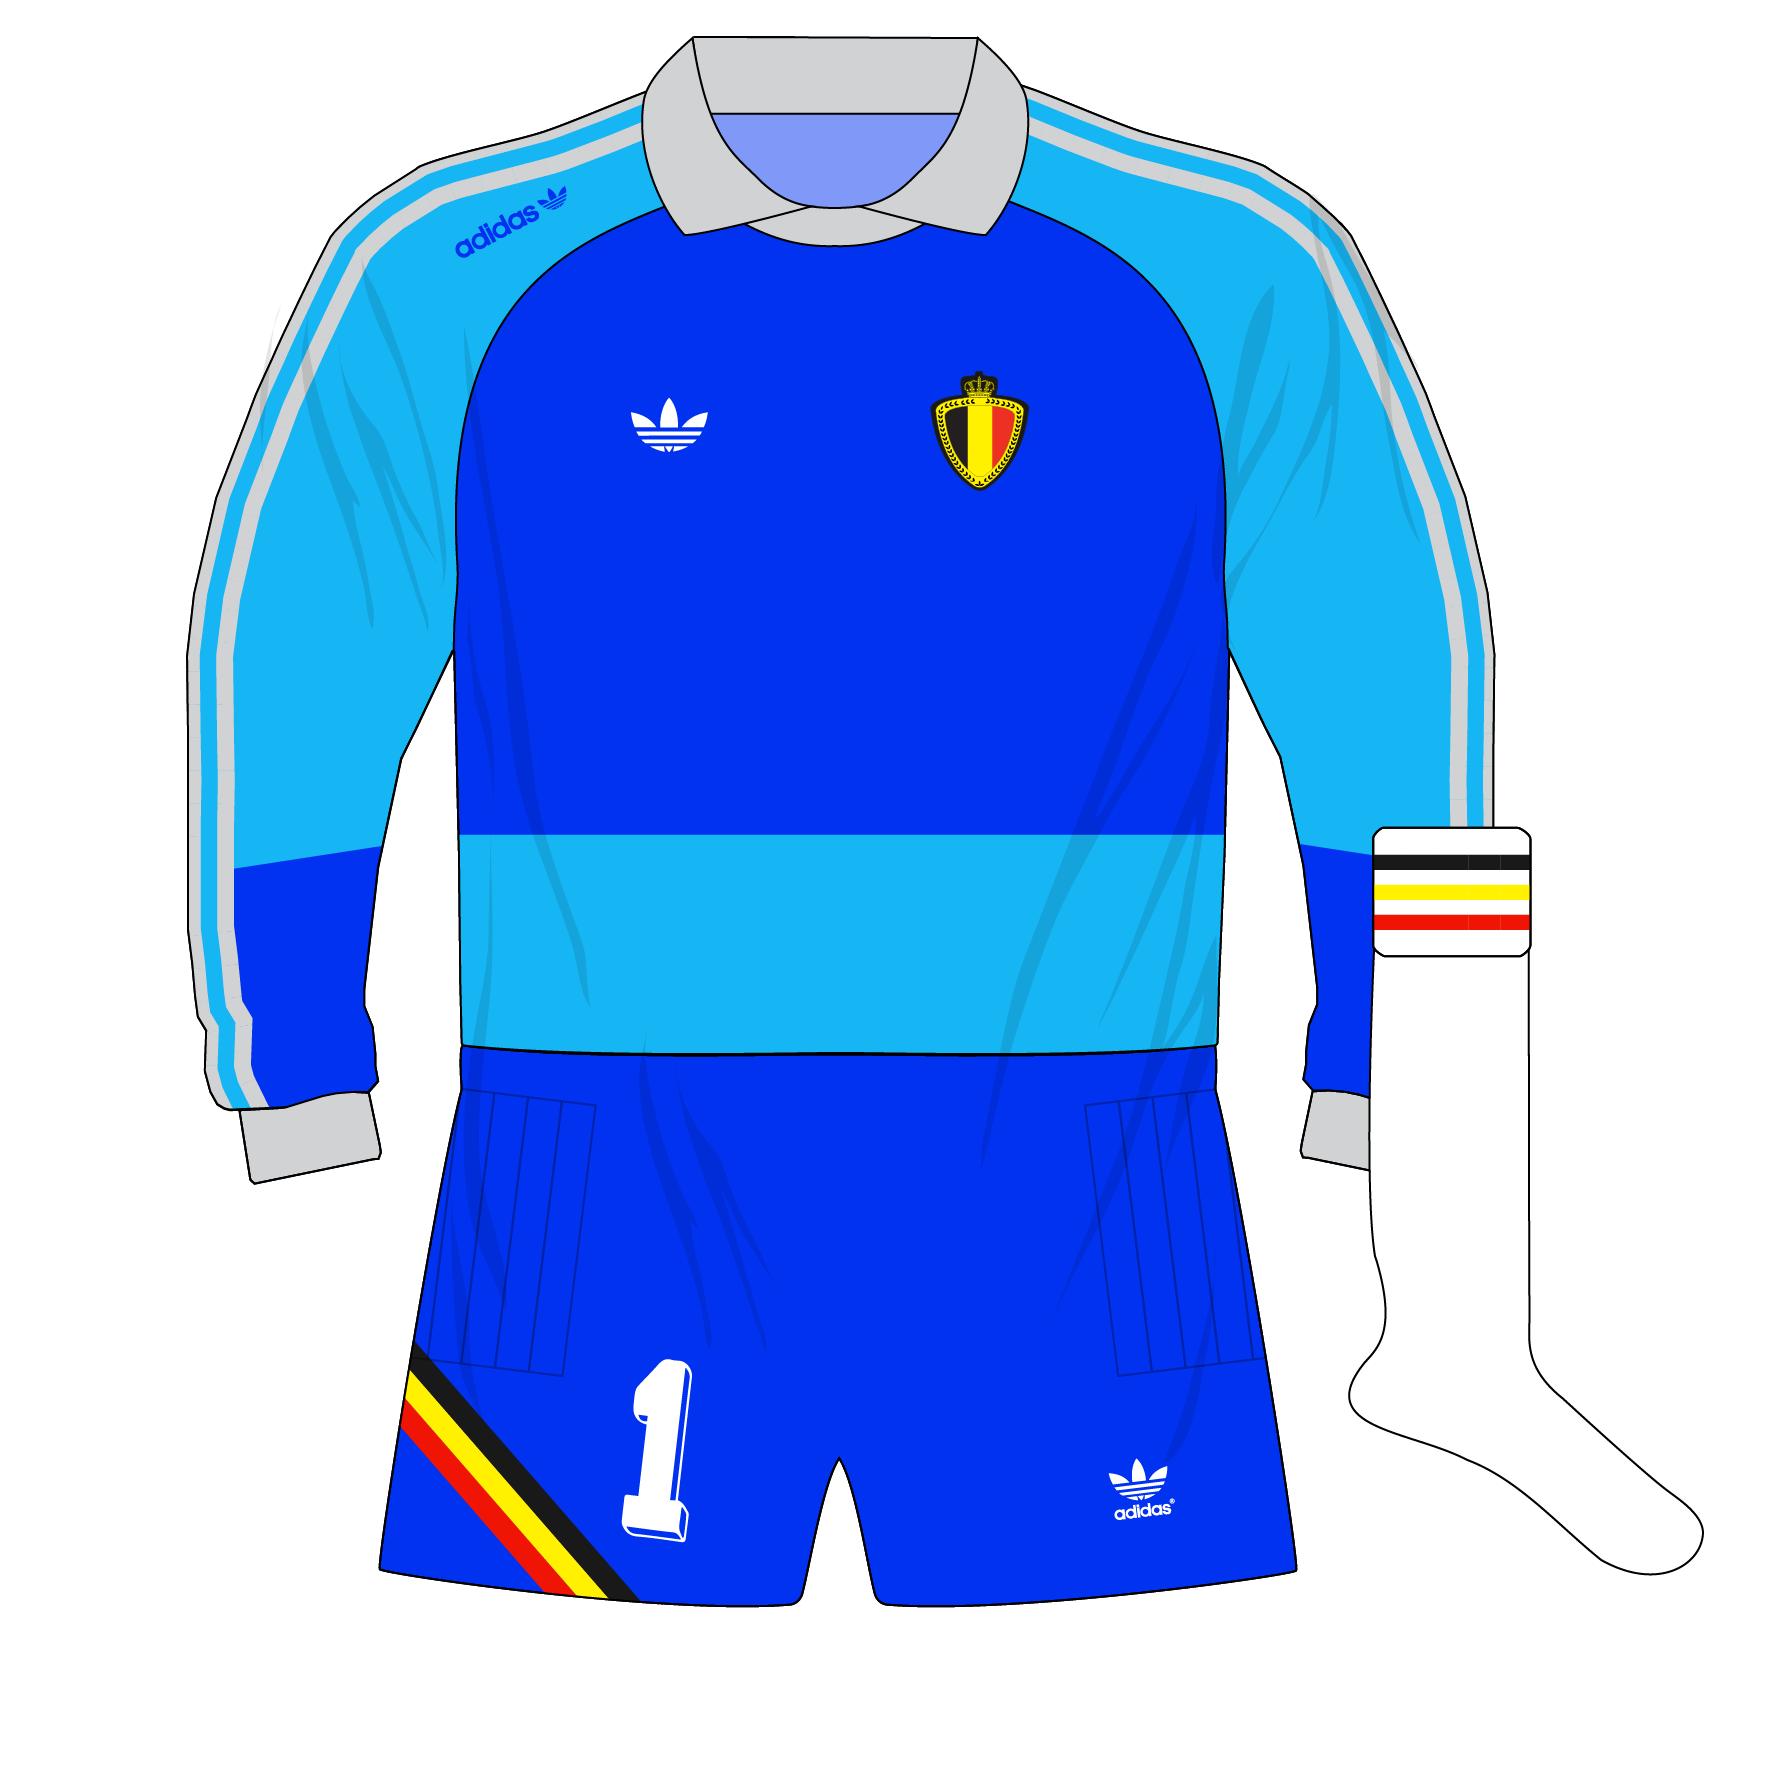 ec011e935 adidas-belgium-blue-goalkeeper-shirt-jersey-1990-preudhomme – Museum ...